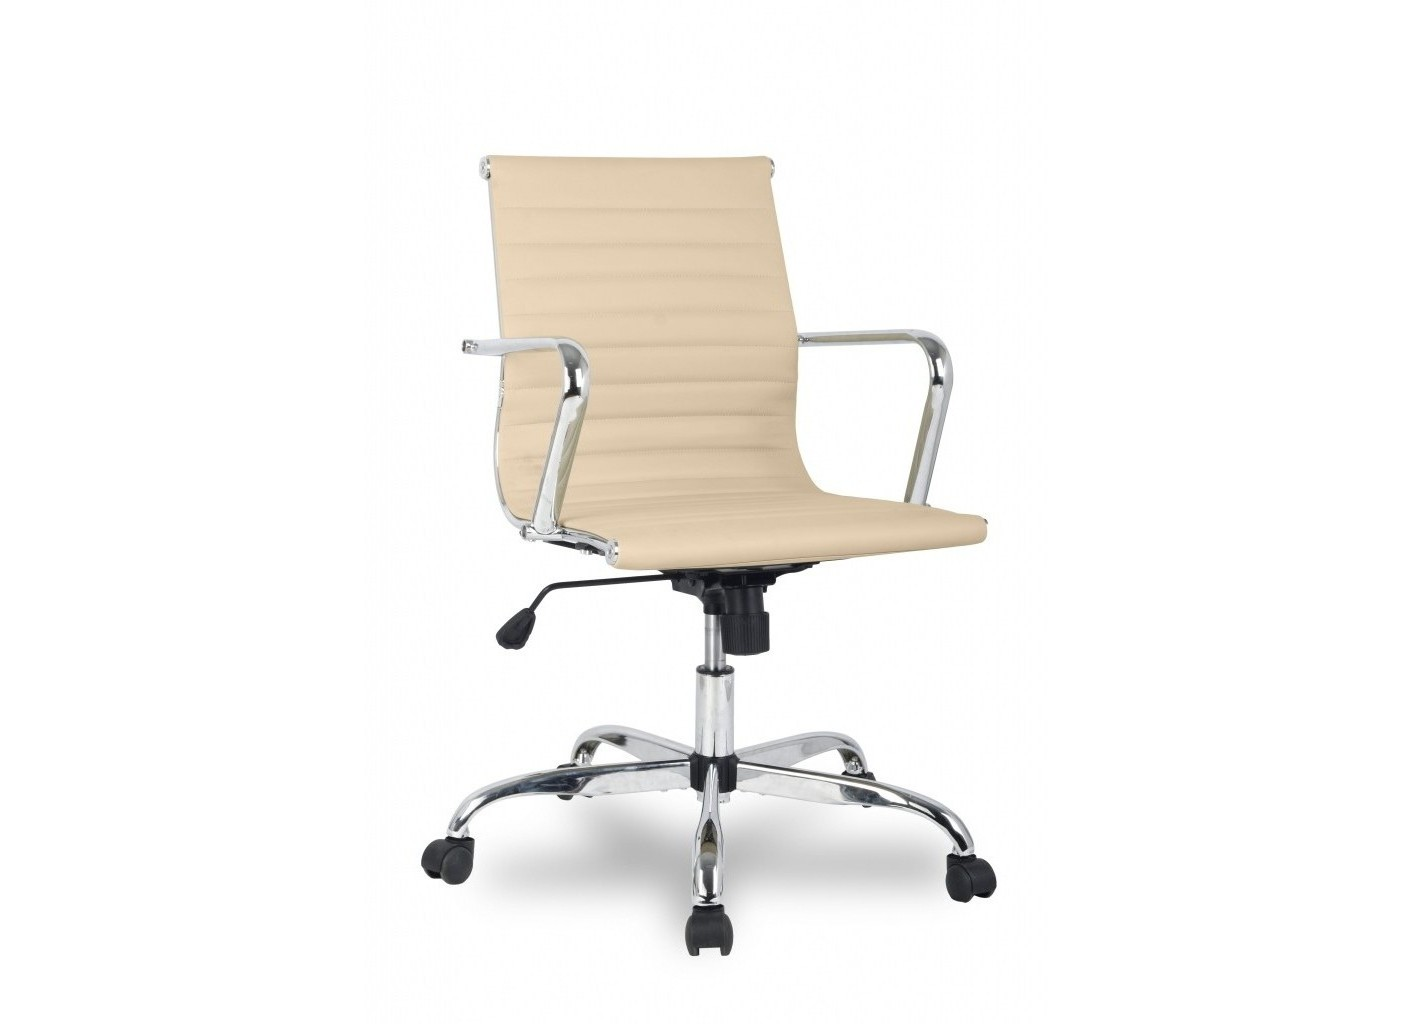 Кресло college (smartroad) бежевый 56x90x63 см.